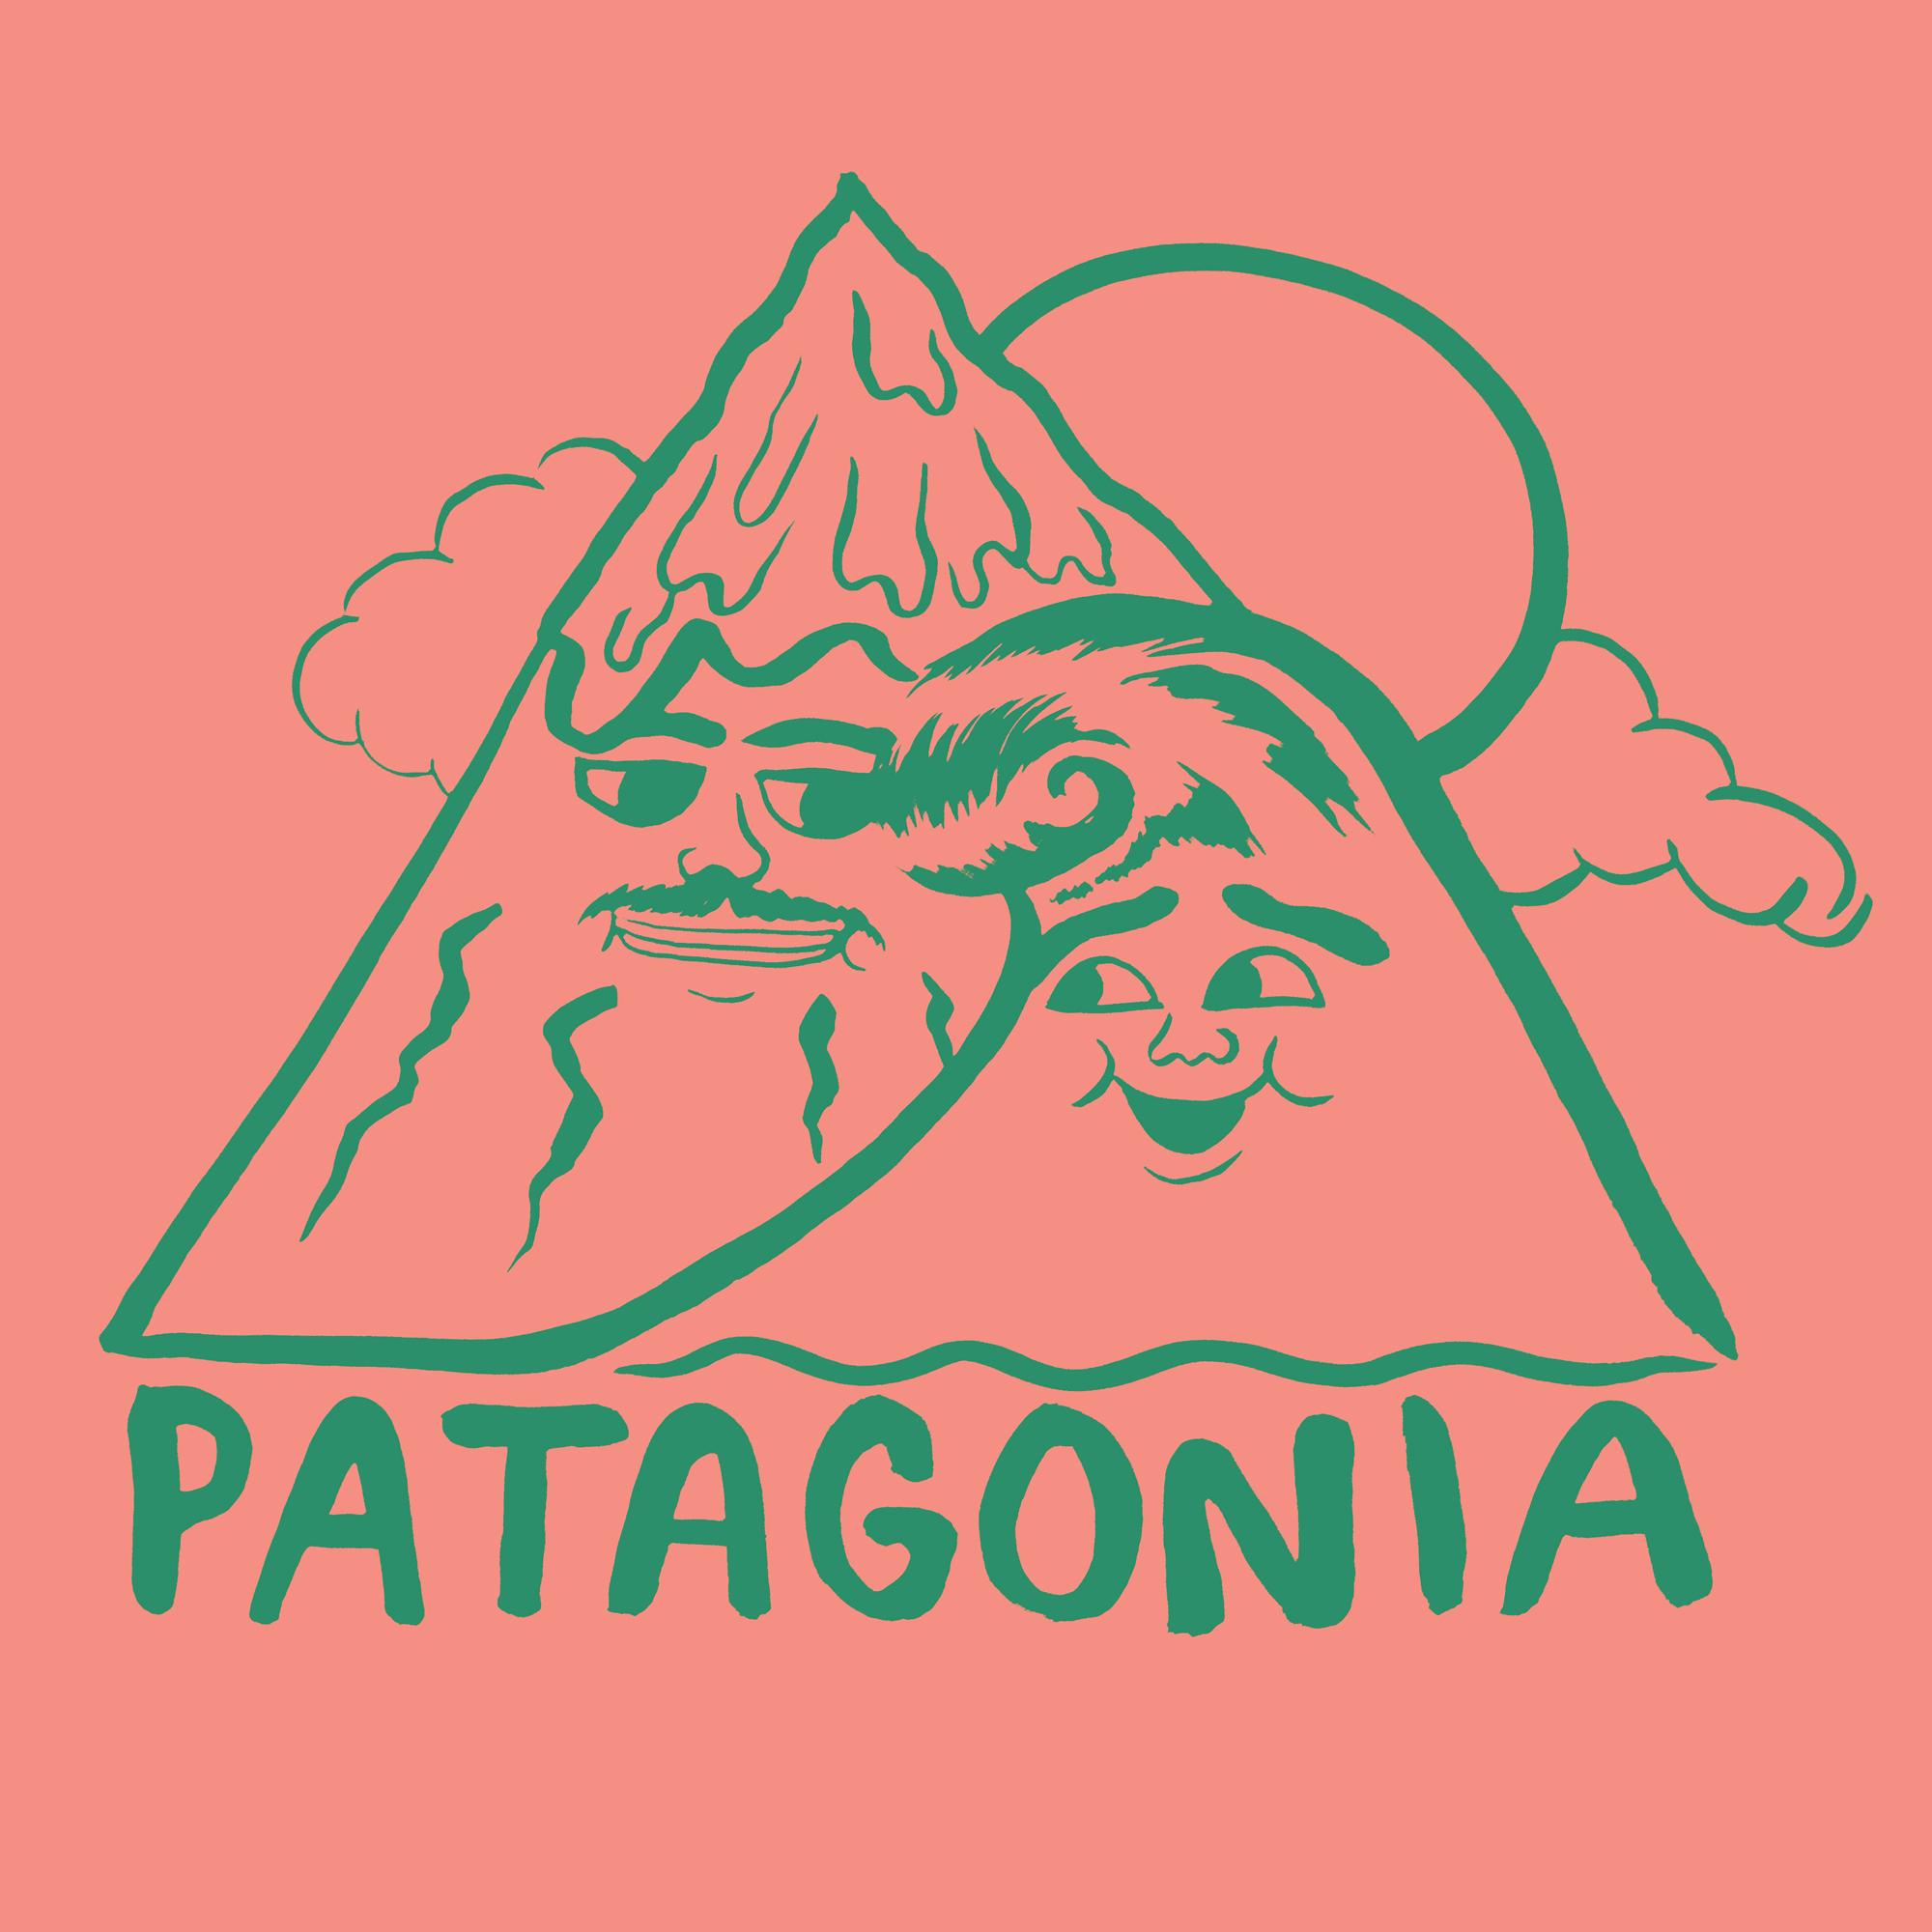 STEVIE_GEE_PATAGONIA_4.jpg